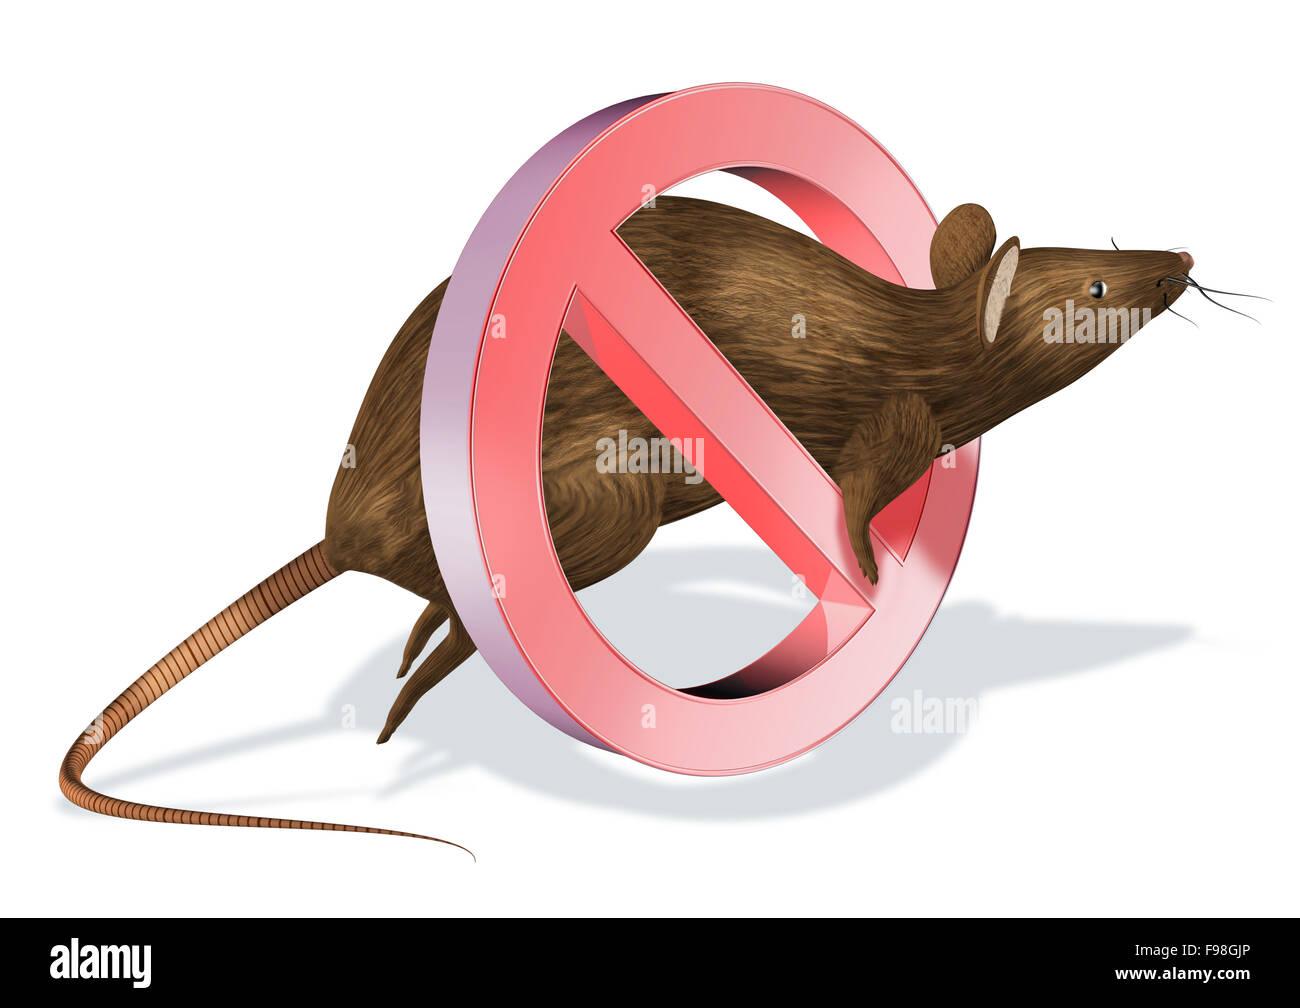 Nett Drähte Die Von Ratten Gekaut Wurden Ideen - Der Schaltplan ...